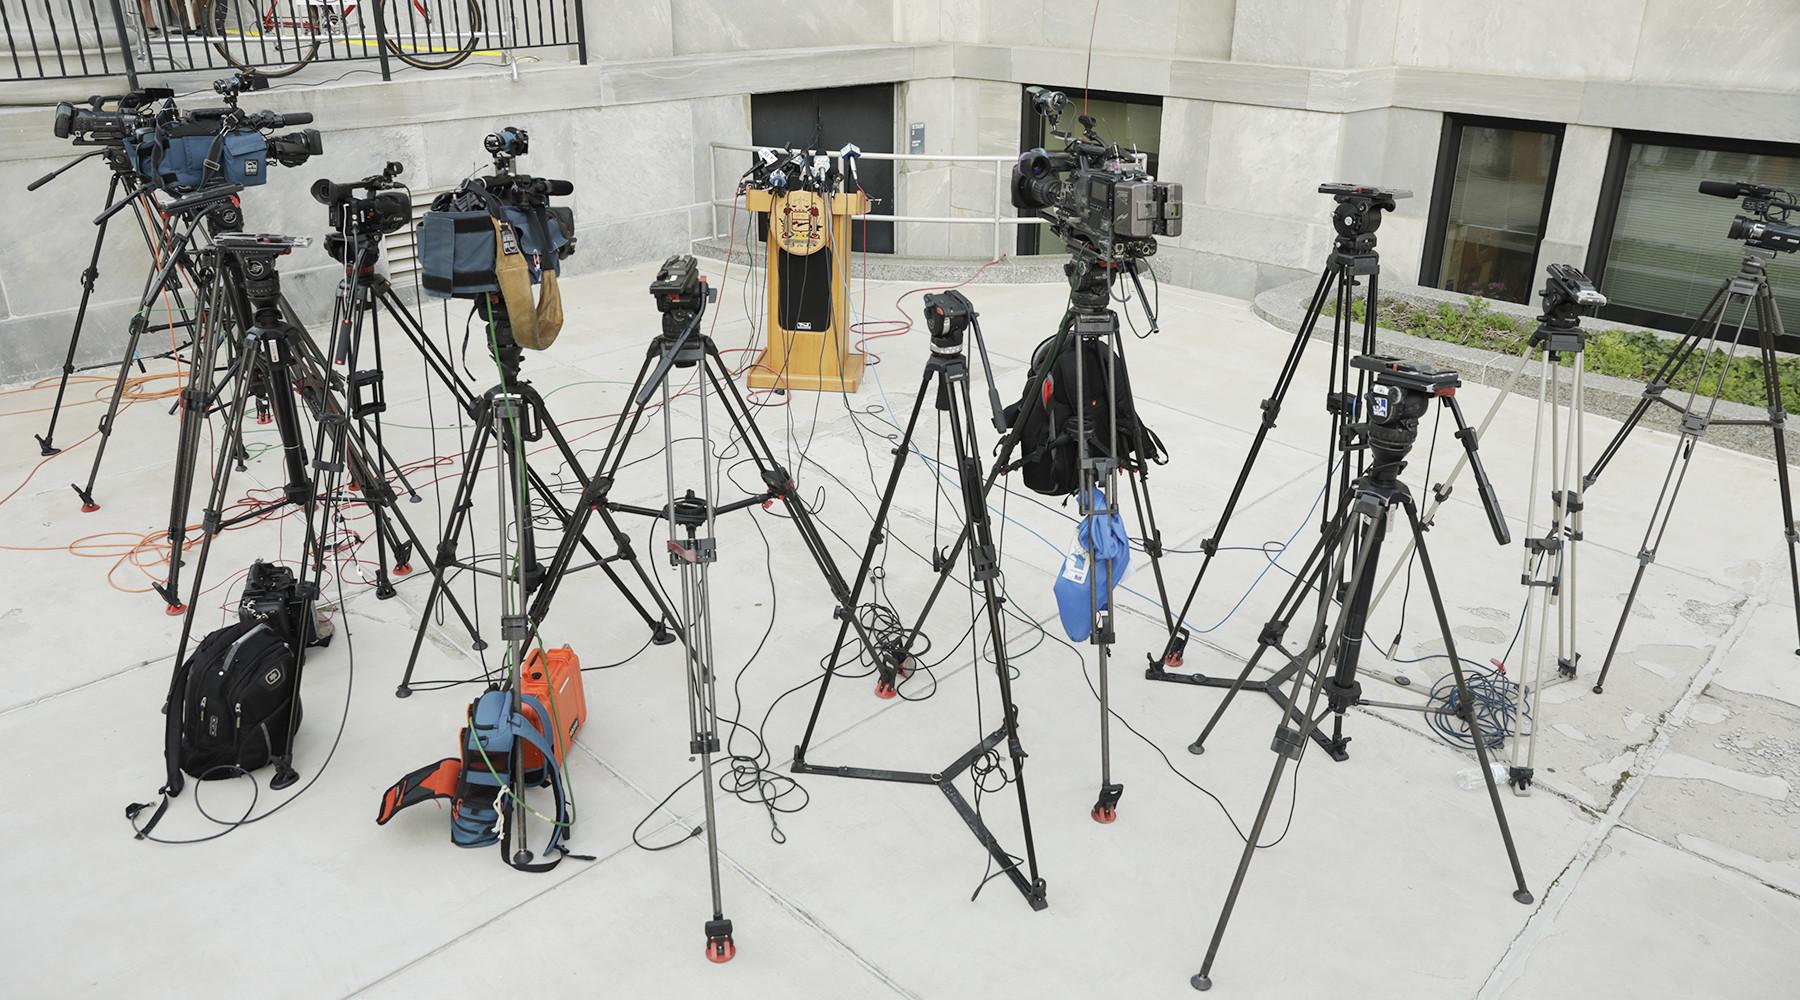 Минюст России разослал уведомления девяти СМИ о возможном признании их иноагентами